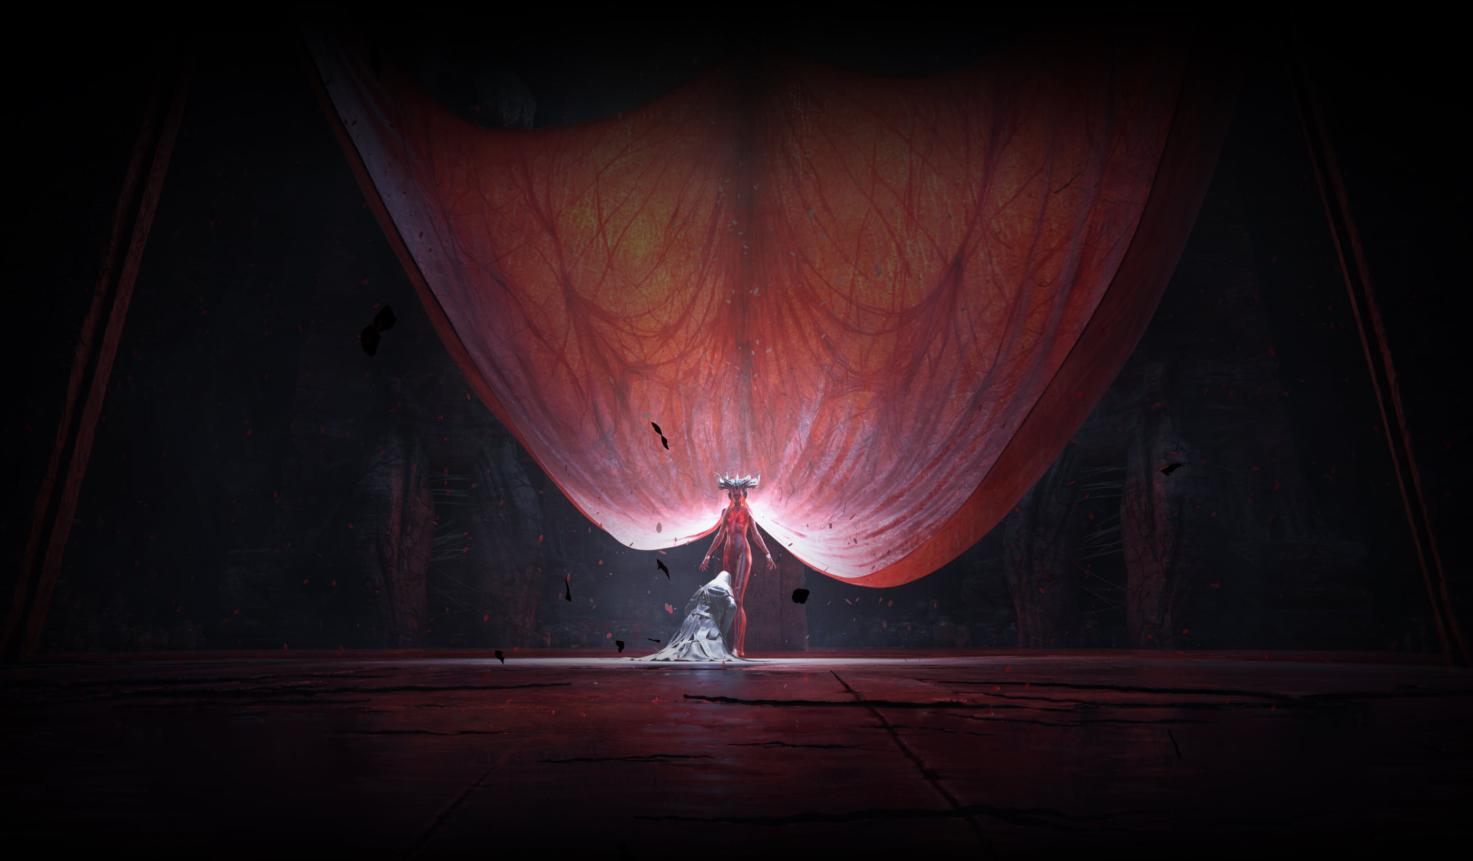 暴雪出品必属精品,《暗黑破坏神4》首部CG,暗黑新王驾到